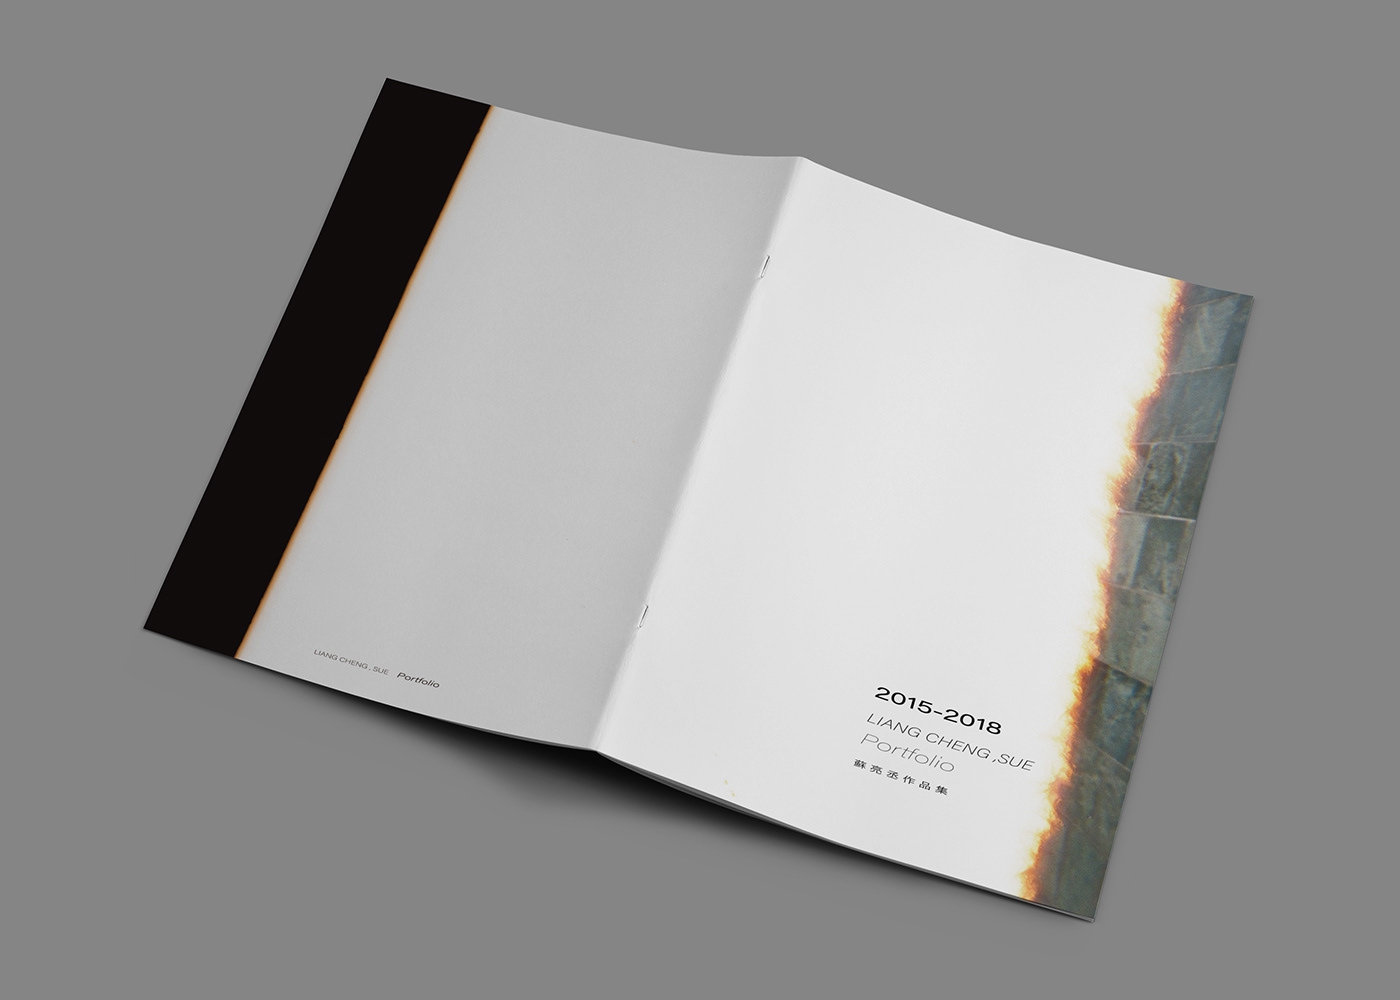 高品質的23款作品集排版設計欣賞